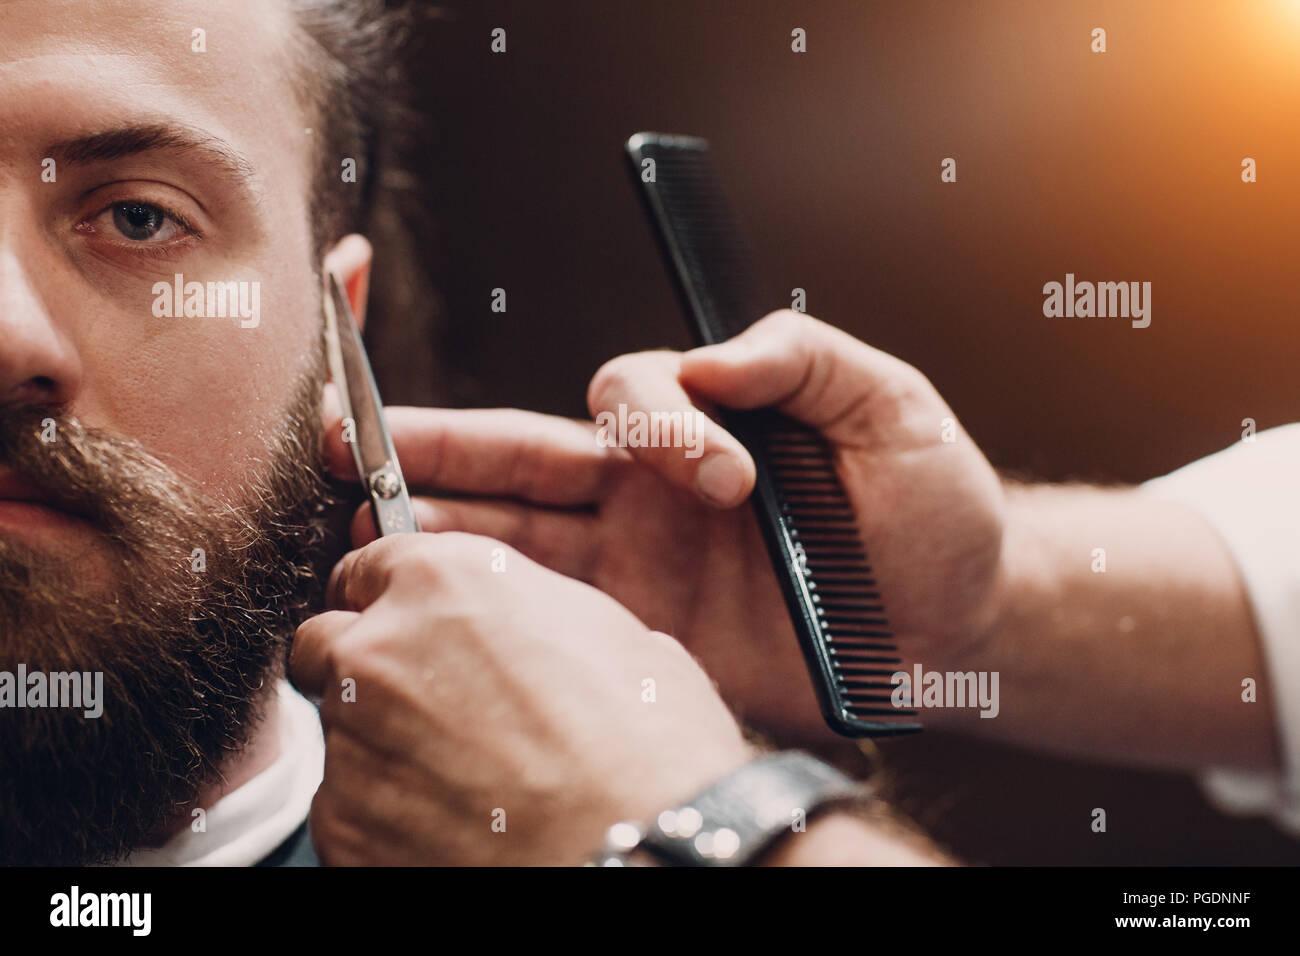 Barbiere con interni in legno. Modello barbuto uomo e barbiere. Foto Stock